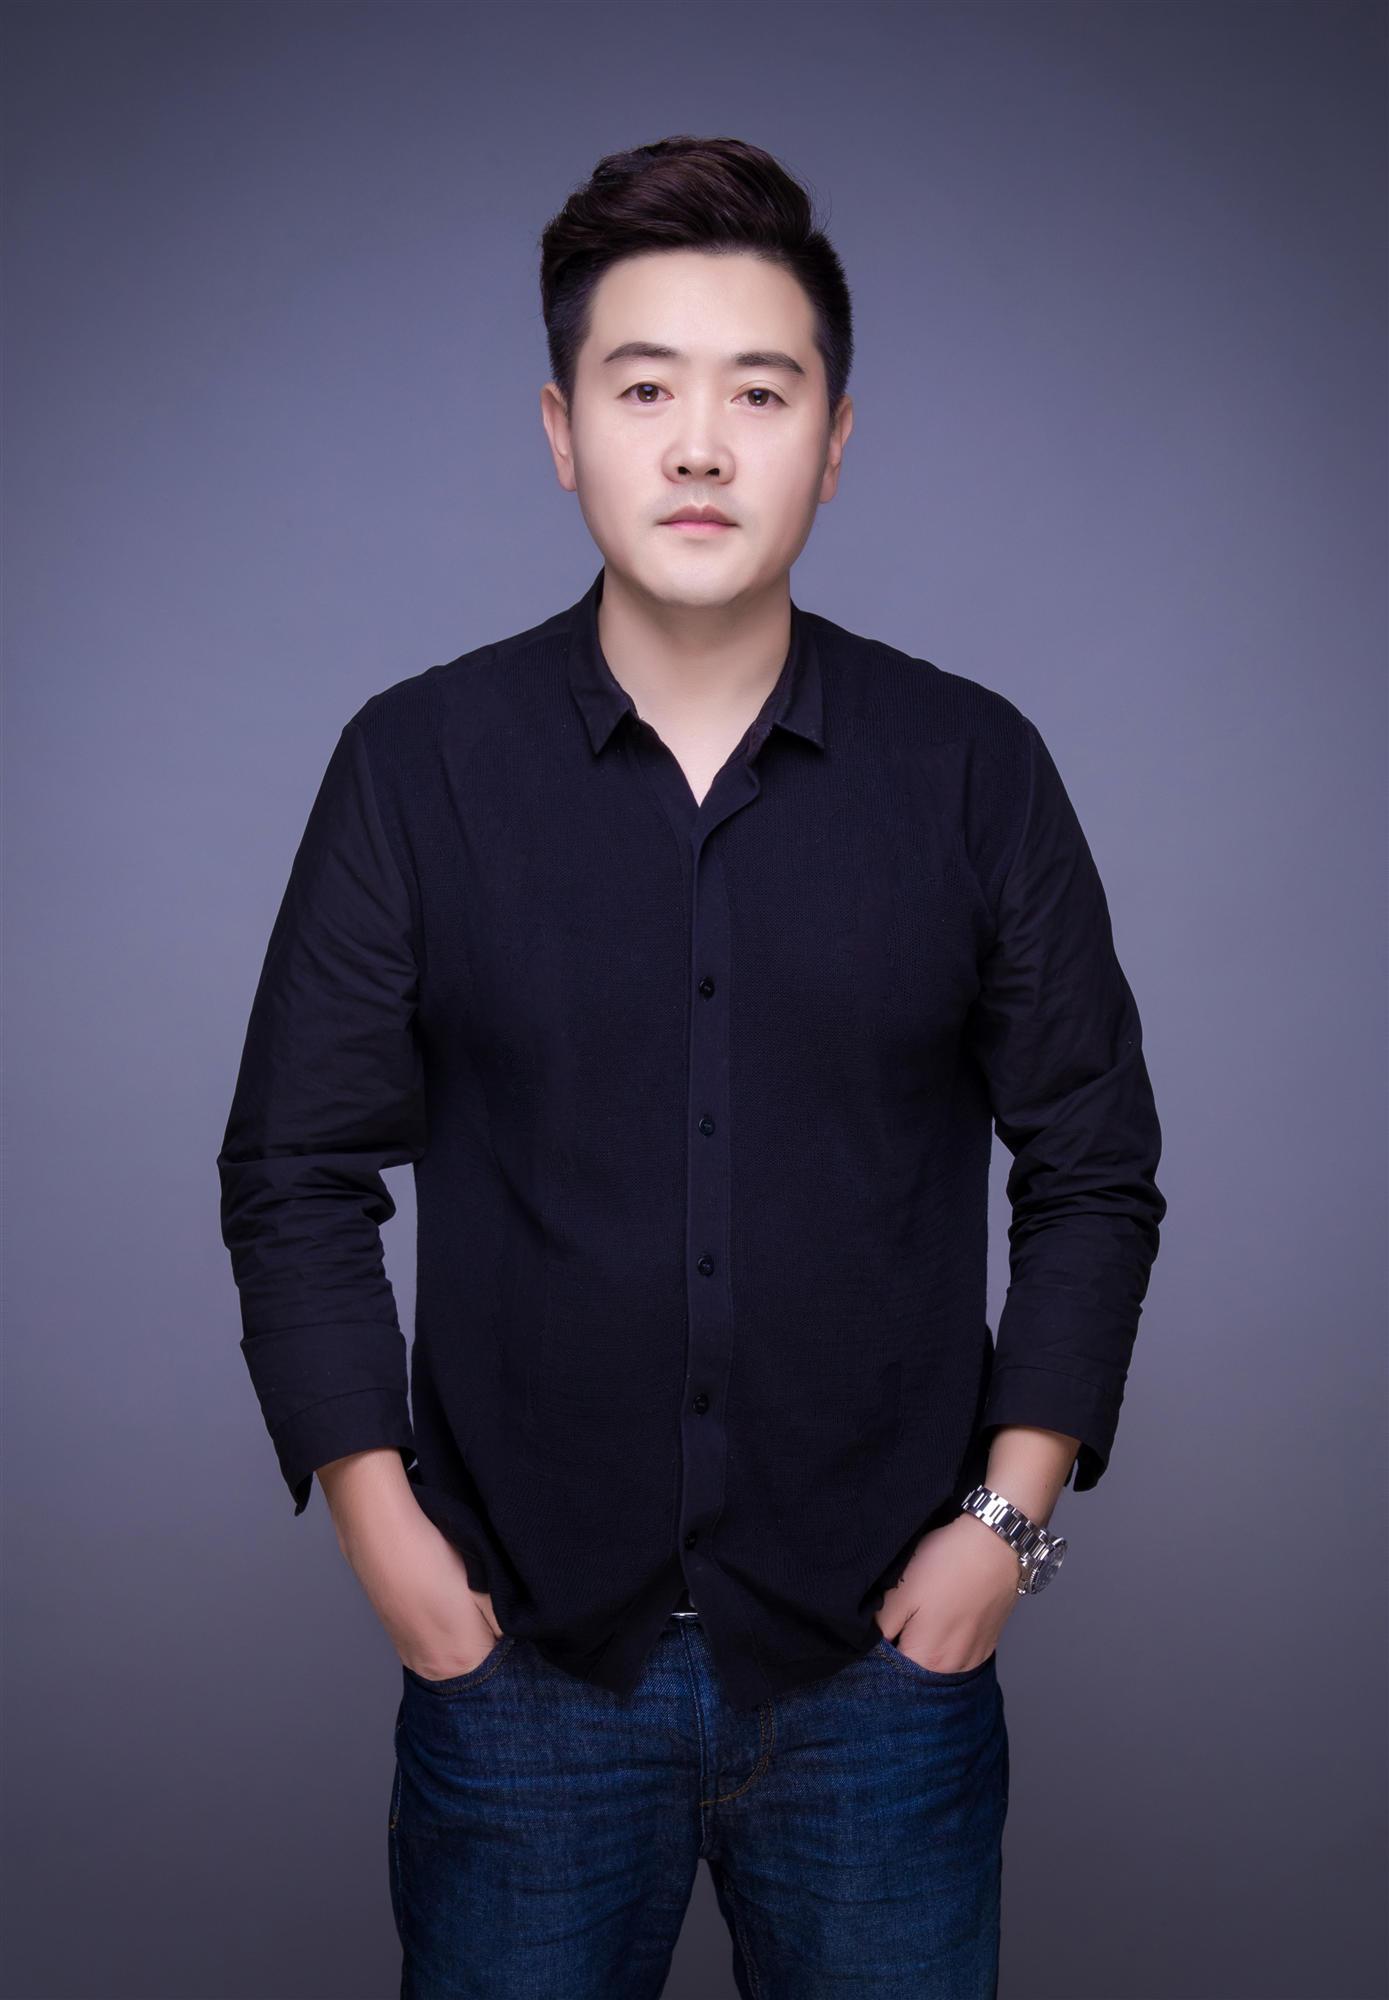 青岛wangdezhong123设计师